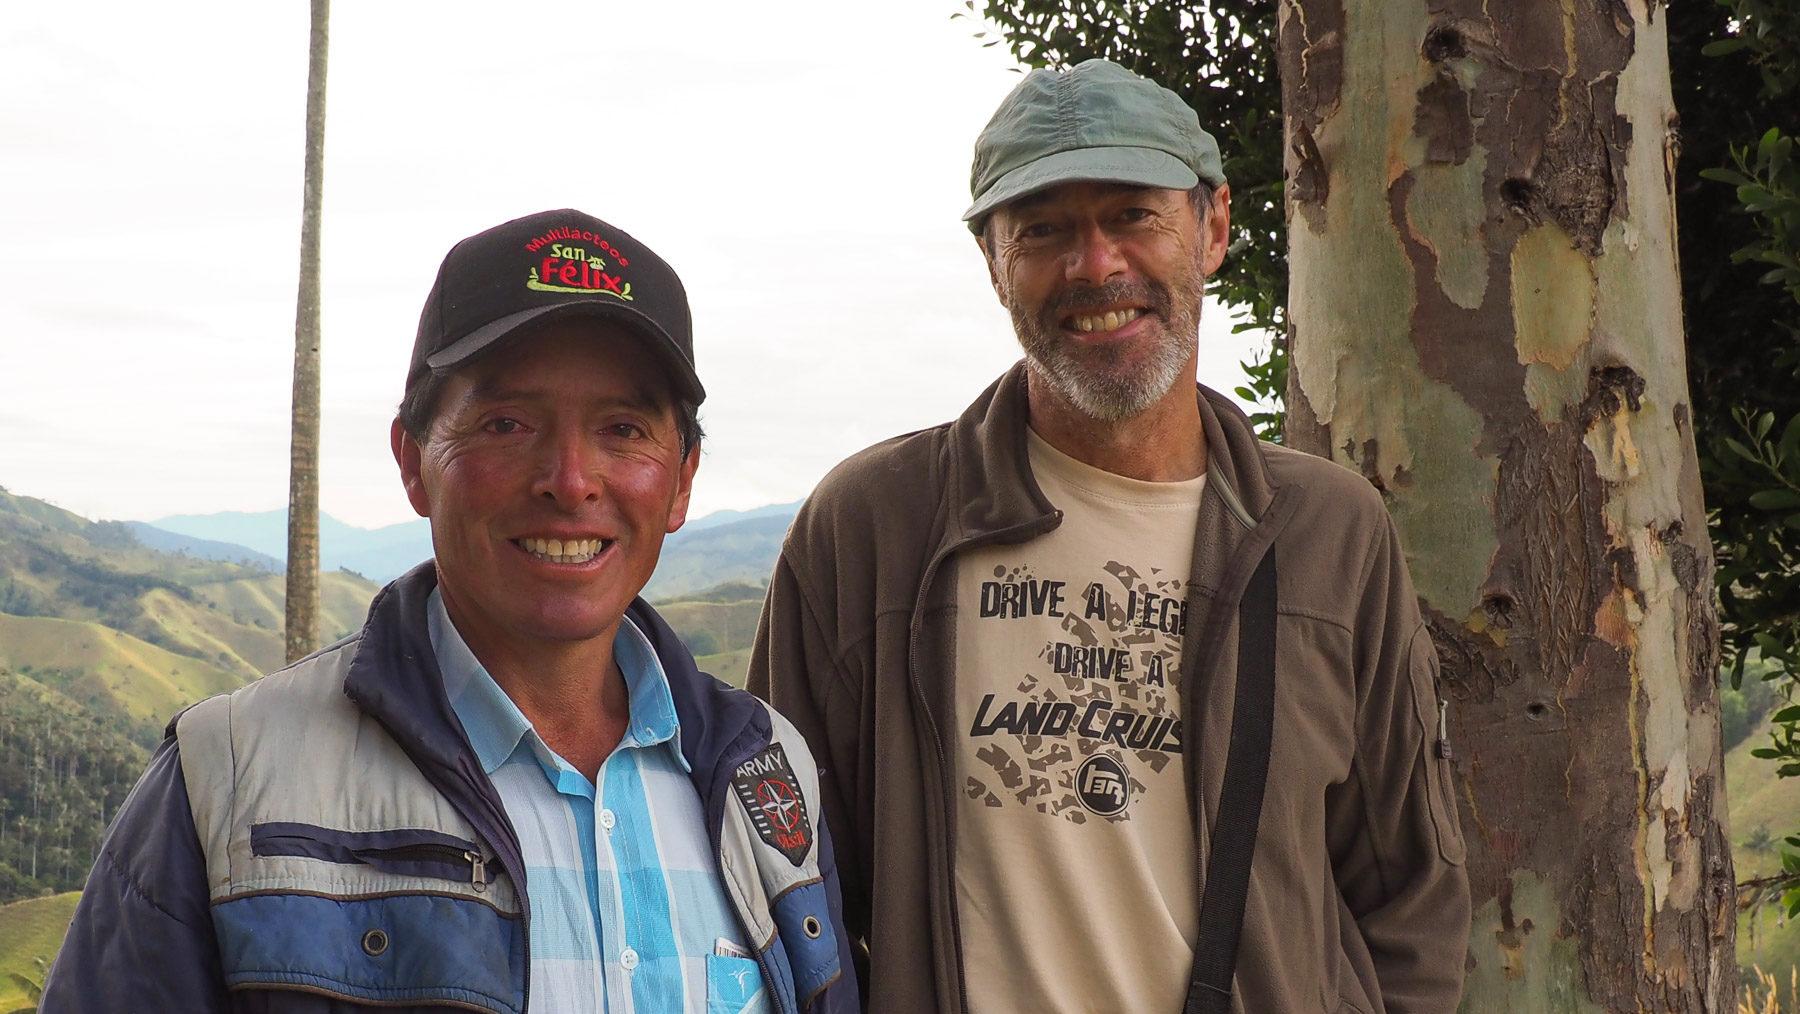 Der Bauer Luis führt uns stolz durch sein Weideland mit Wachspalmen